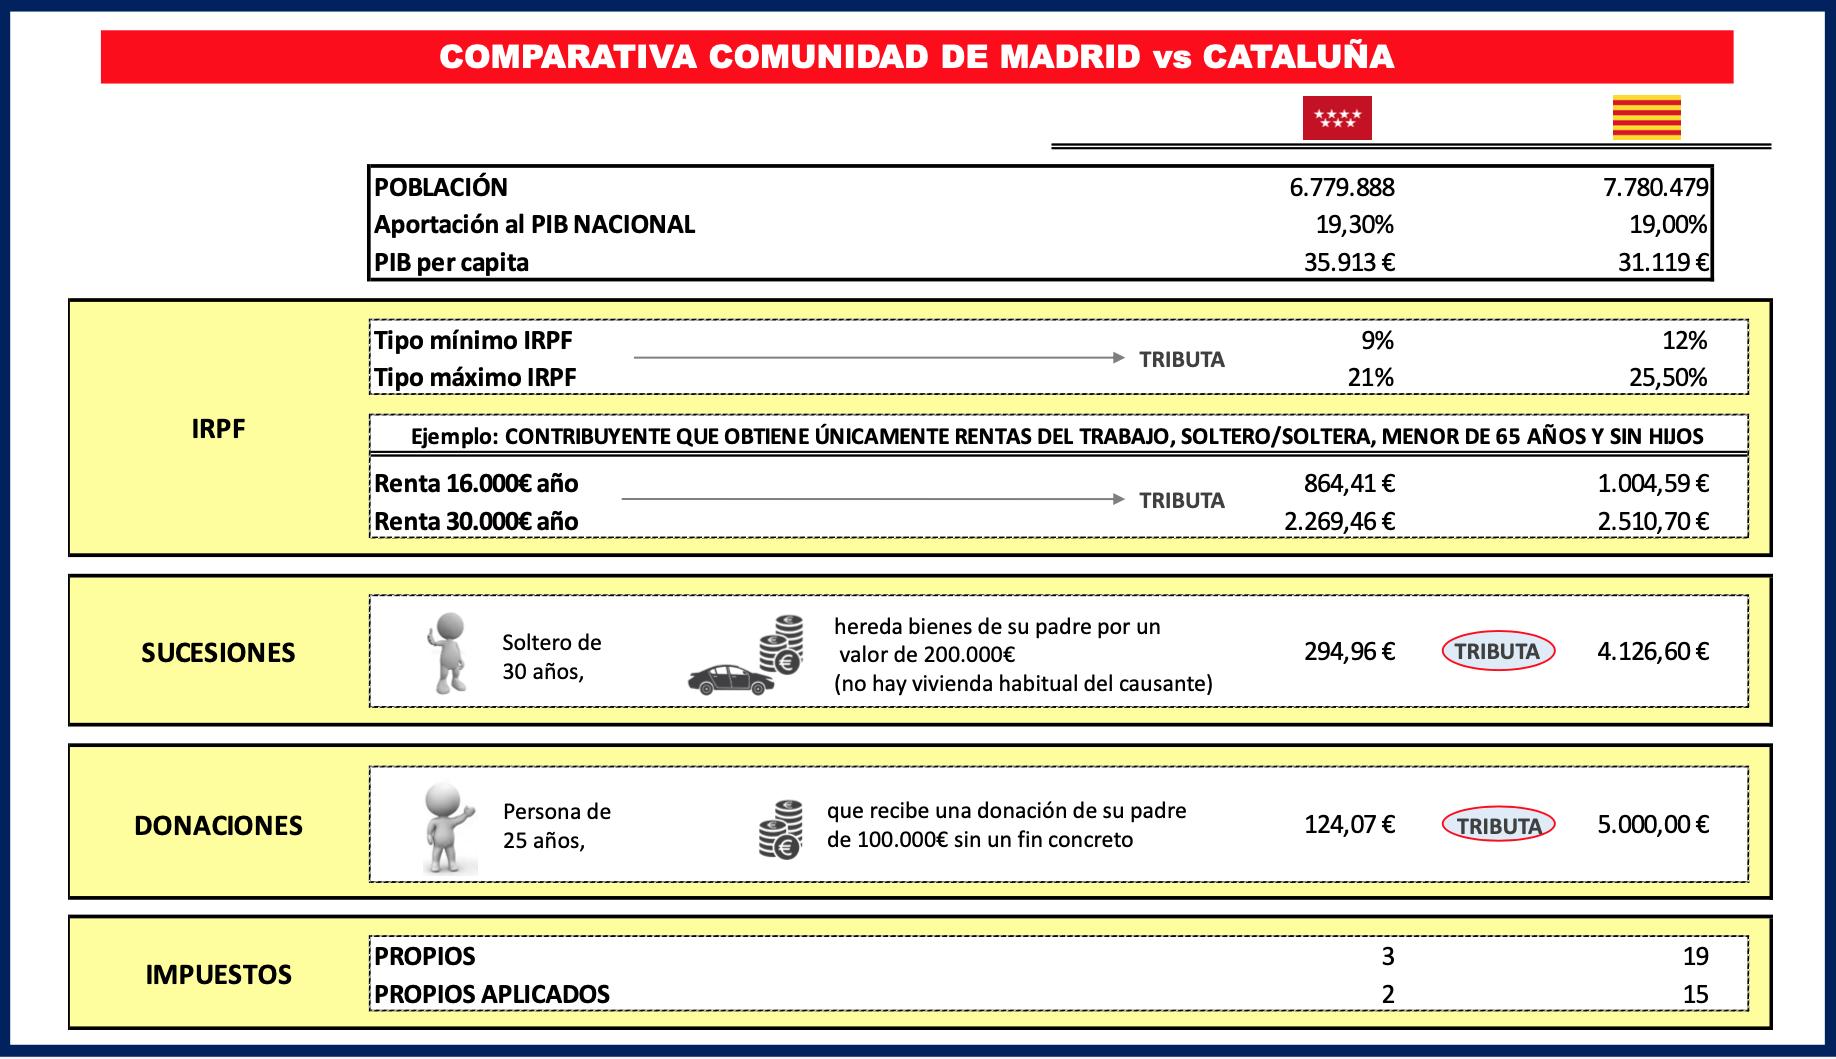 grafico-comparativa-impuestos-madrid-cataluna.png